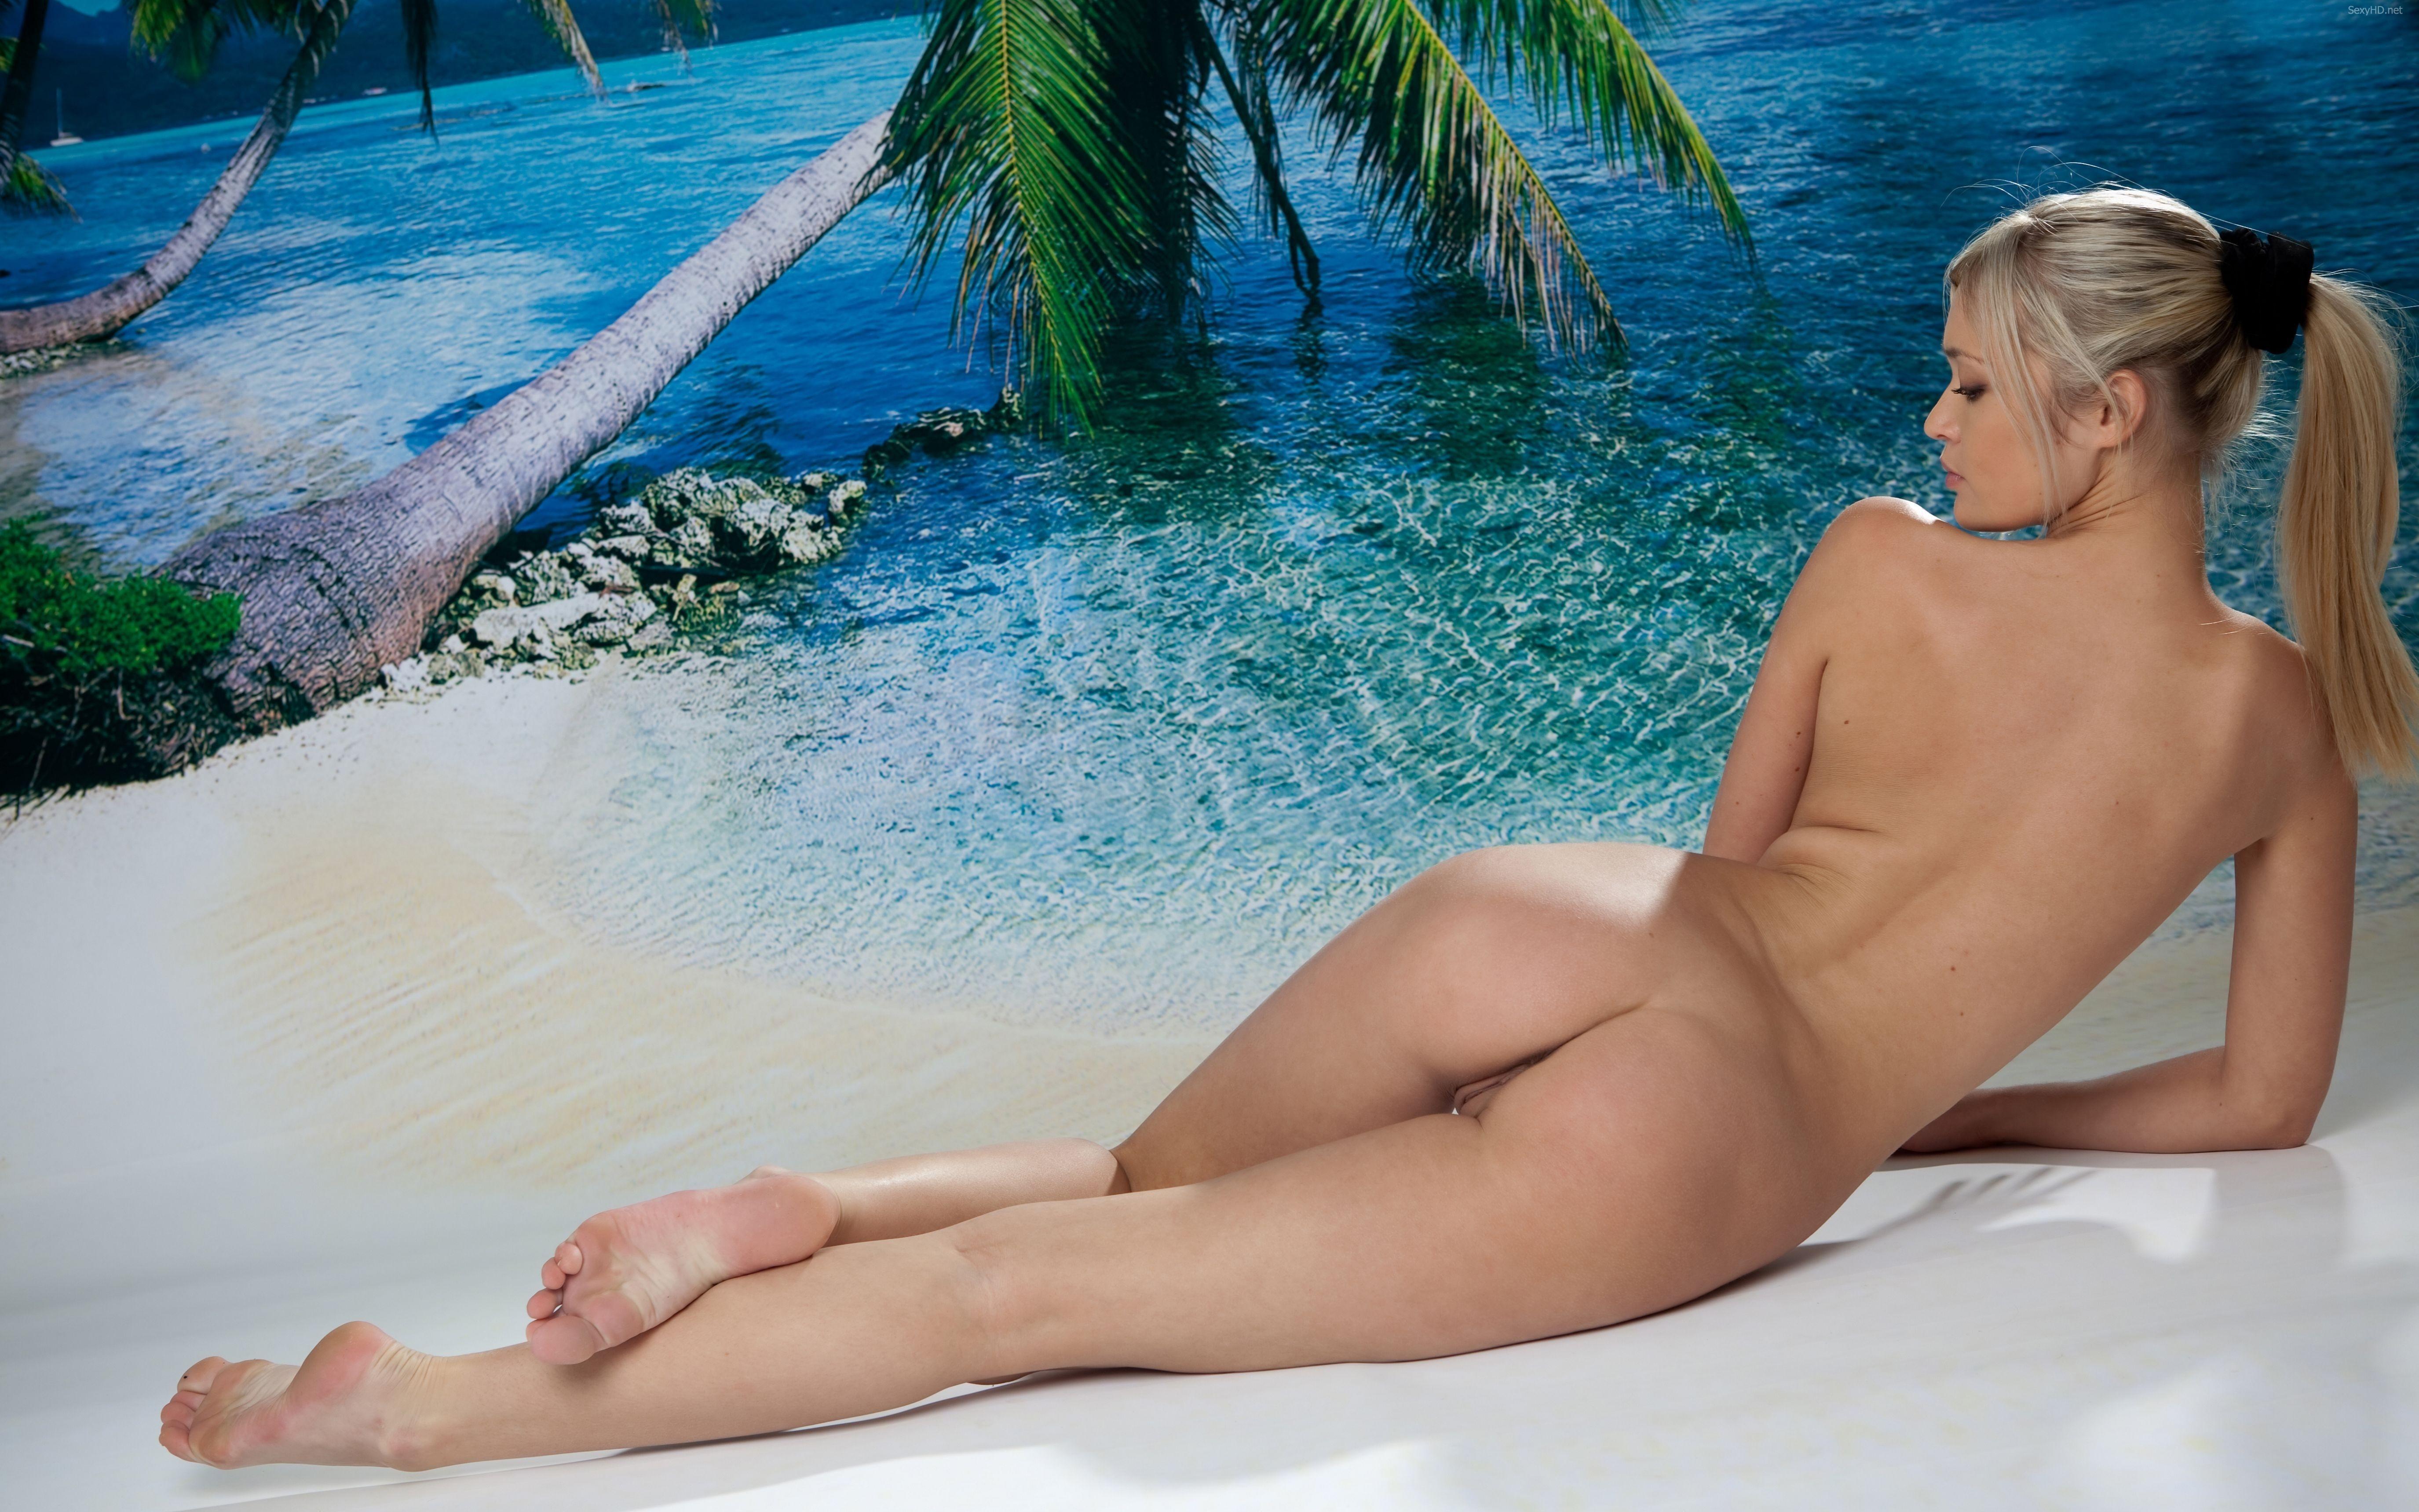 Hot Sexy Nude Hd Wallpaper Photos